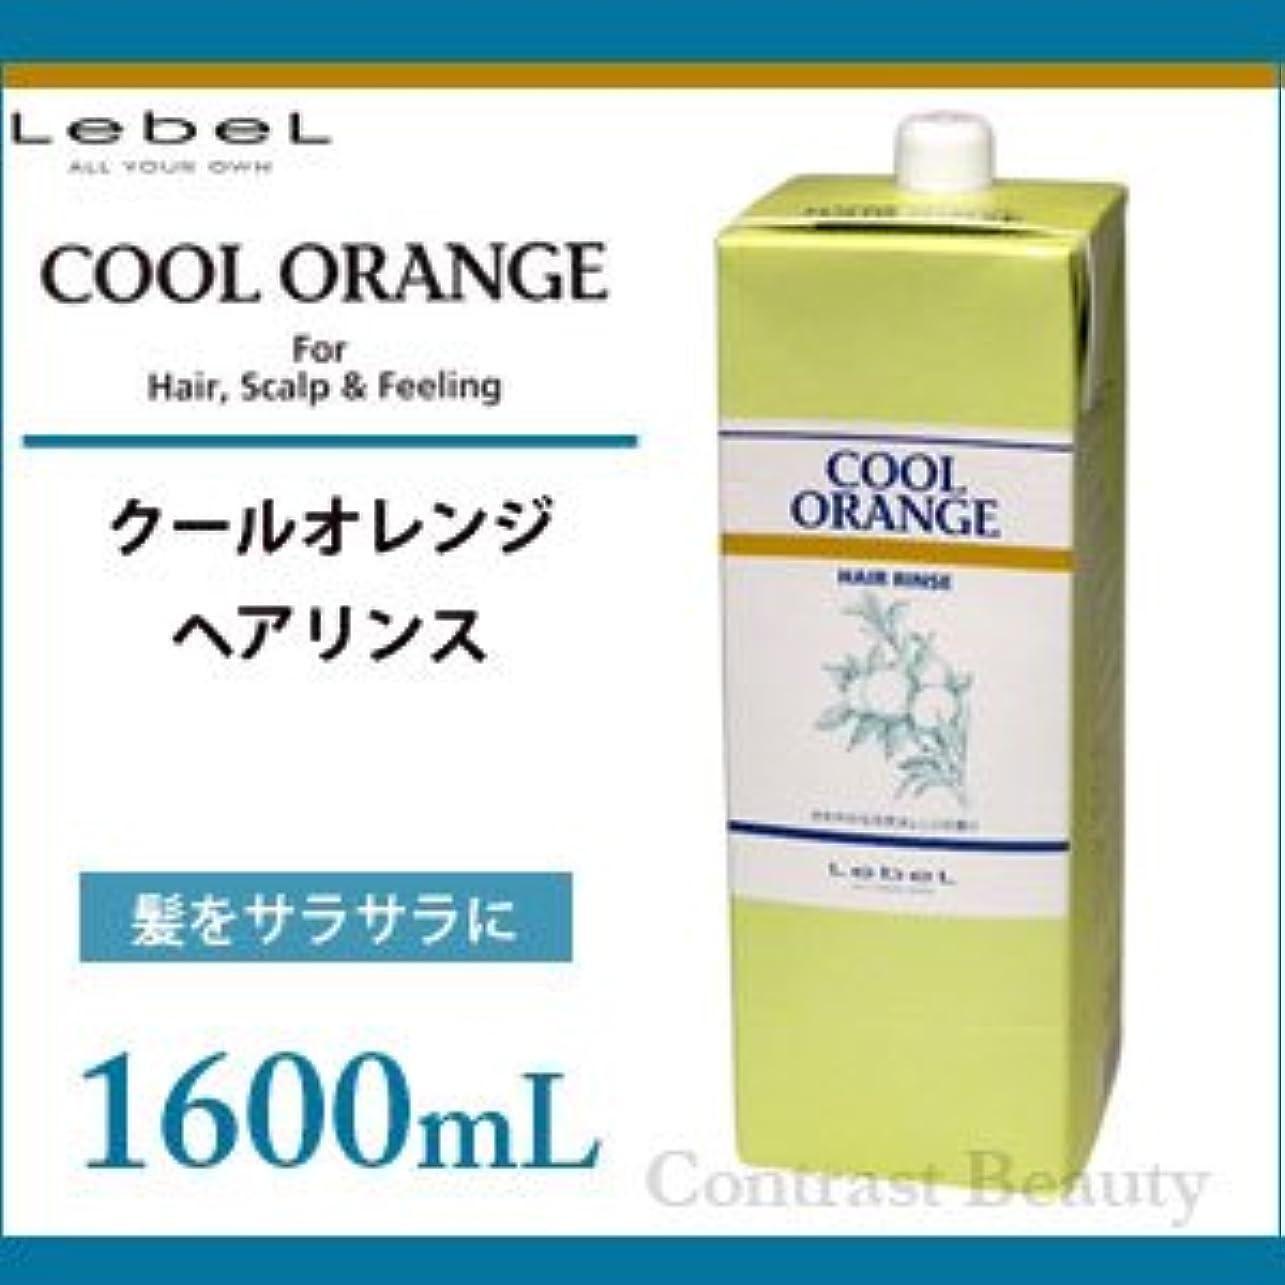 スポンサーバングラデシュチャーム【X2個セット】 ルベル クールオレンジ ヘアリンス 1600ml